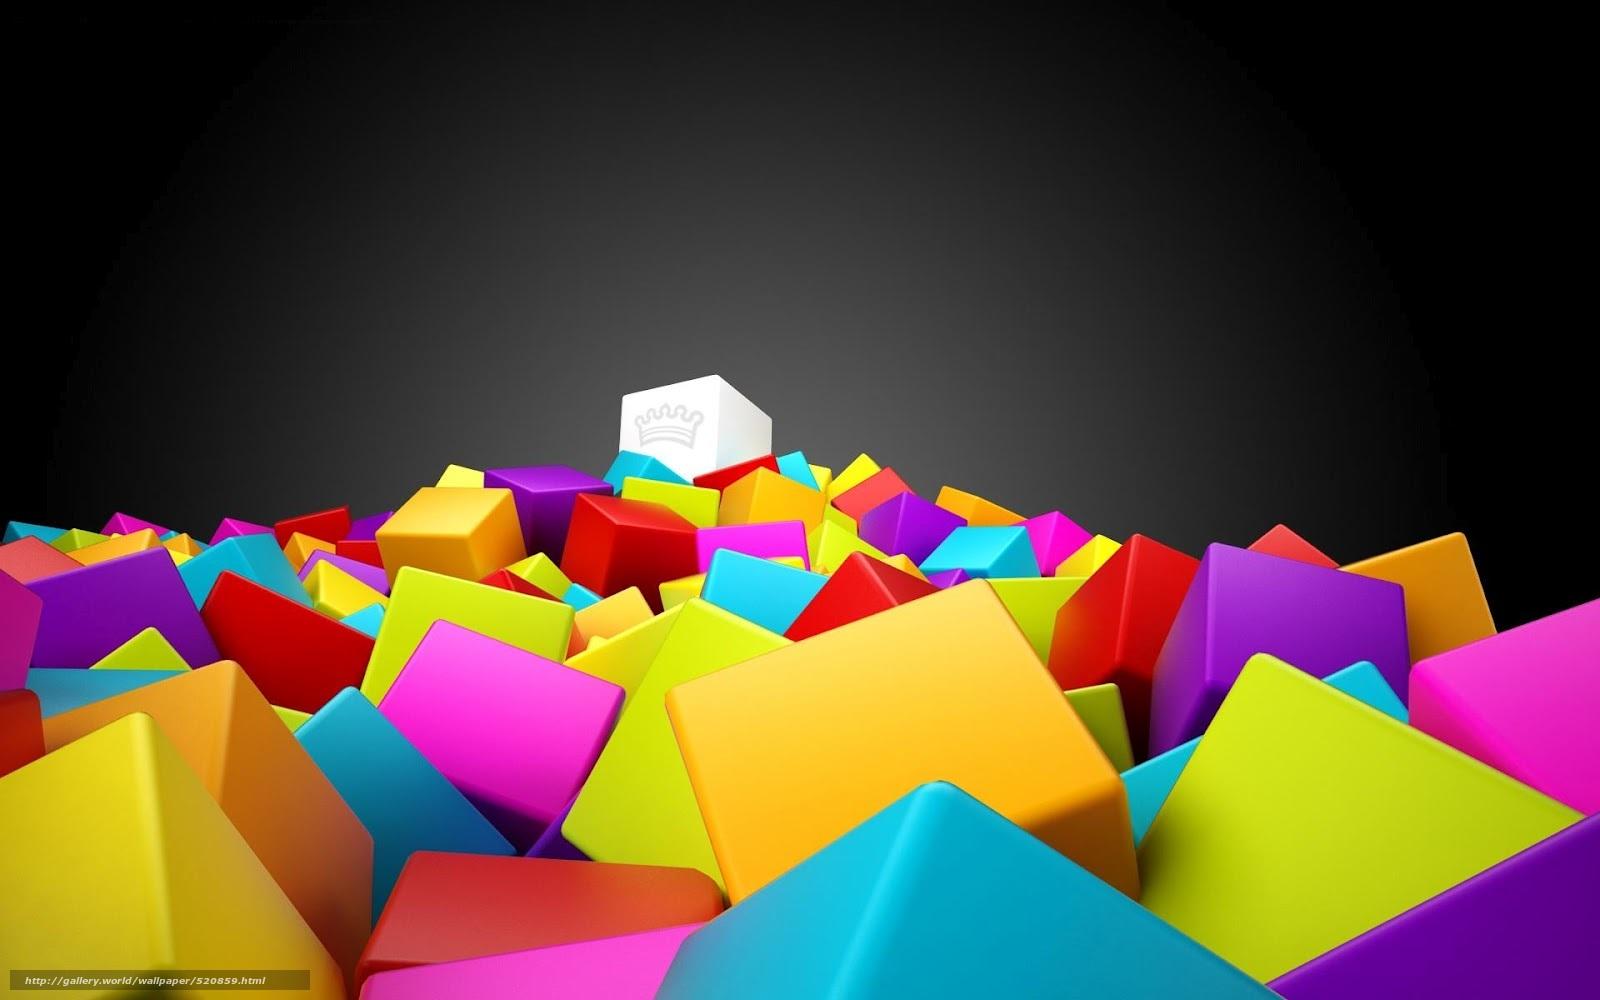 Скачать обои Кубики,  желтые,  голубые,  много . бесплатно для рабочего стола в разрешении 1600x1000 — картинка №520859